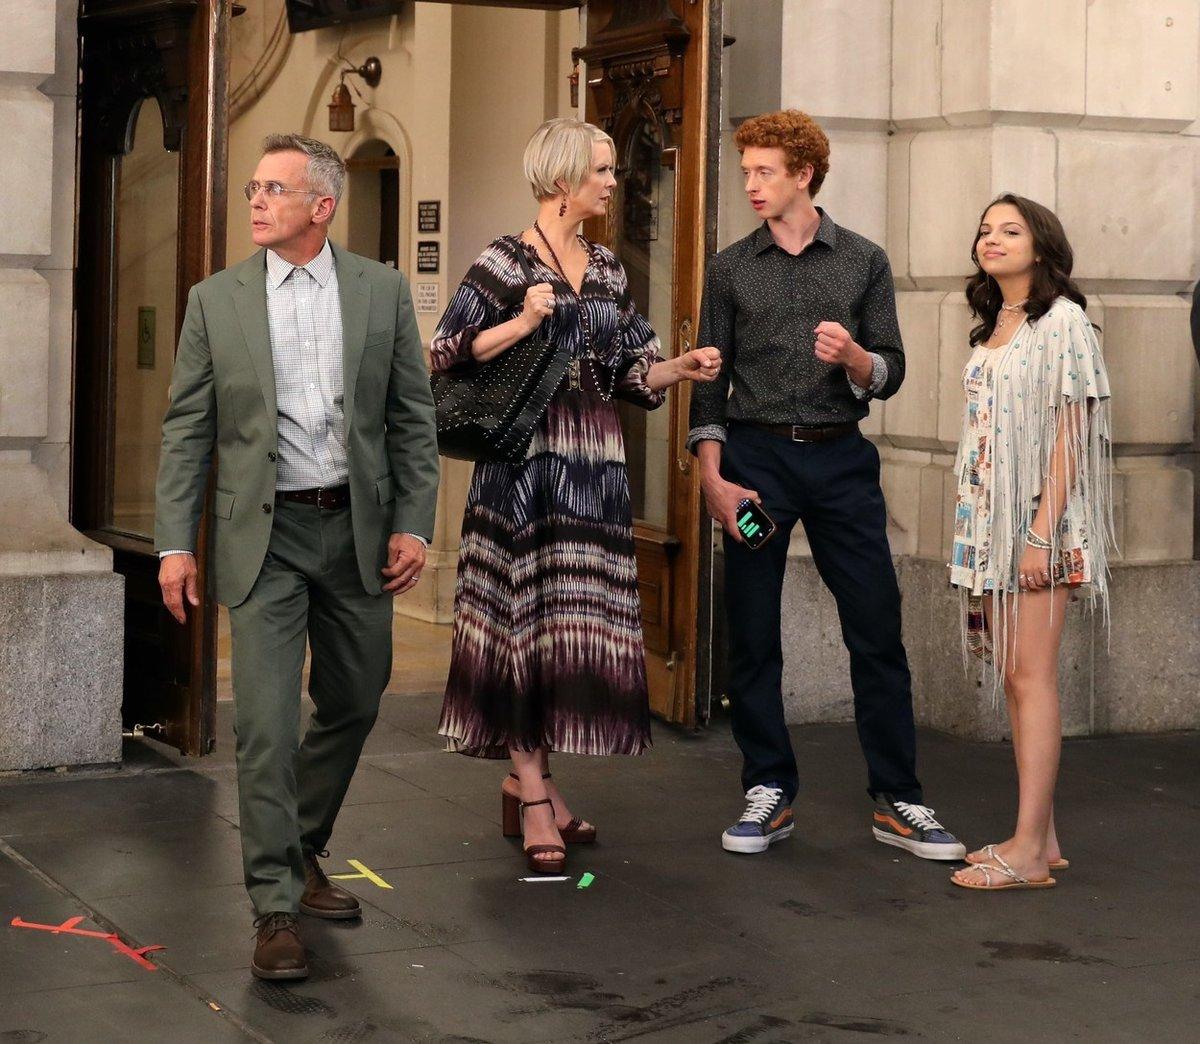 V rolích Bradyho Hobbese a jeho přítelkyně Luisy Torres se představí Naill Cunningham a Cree Cicchino